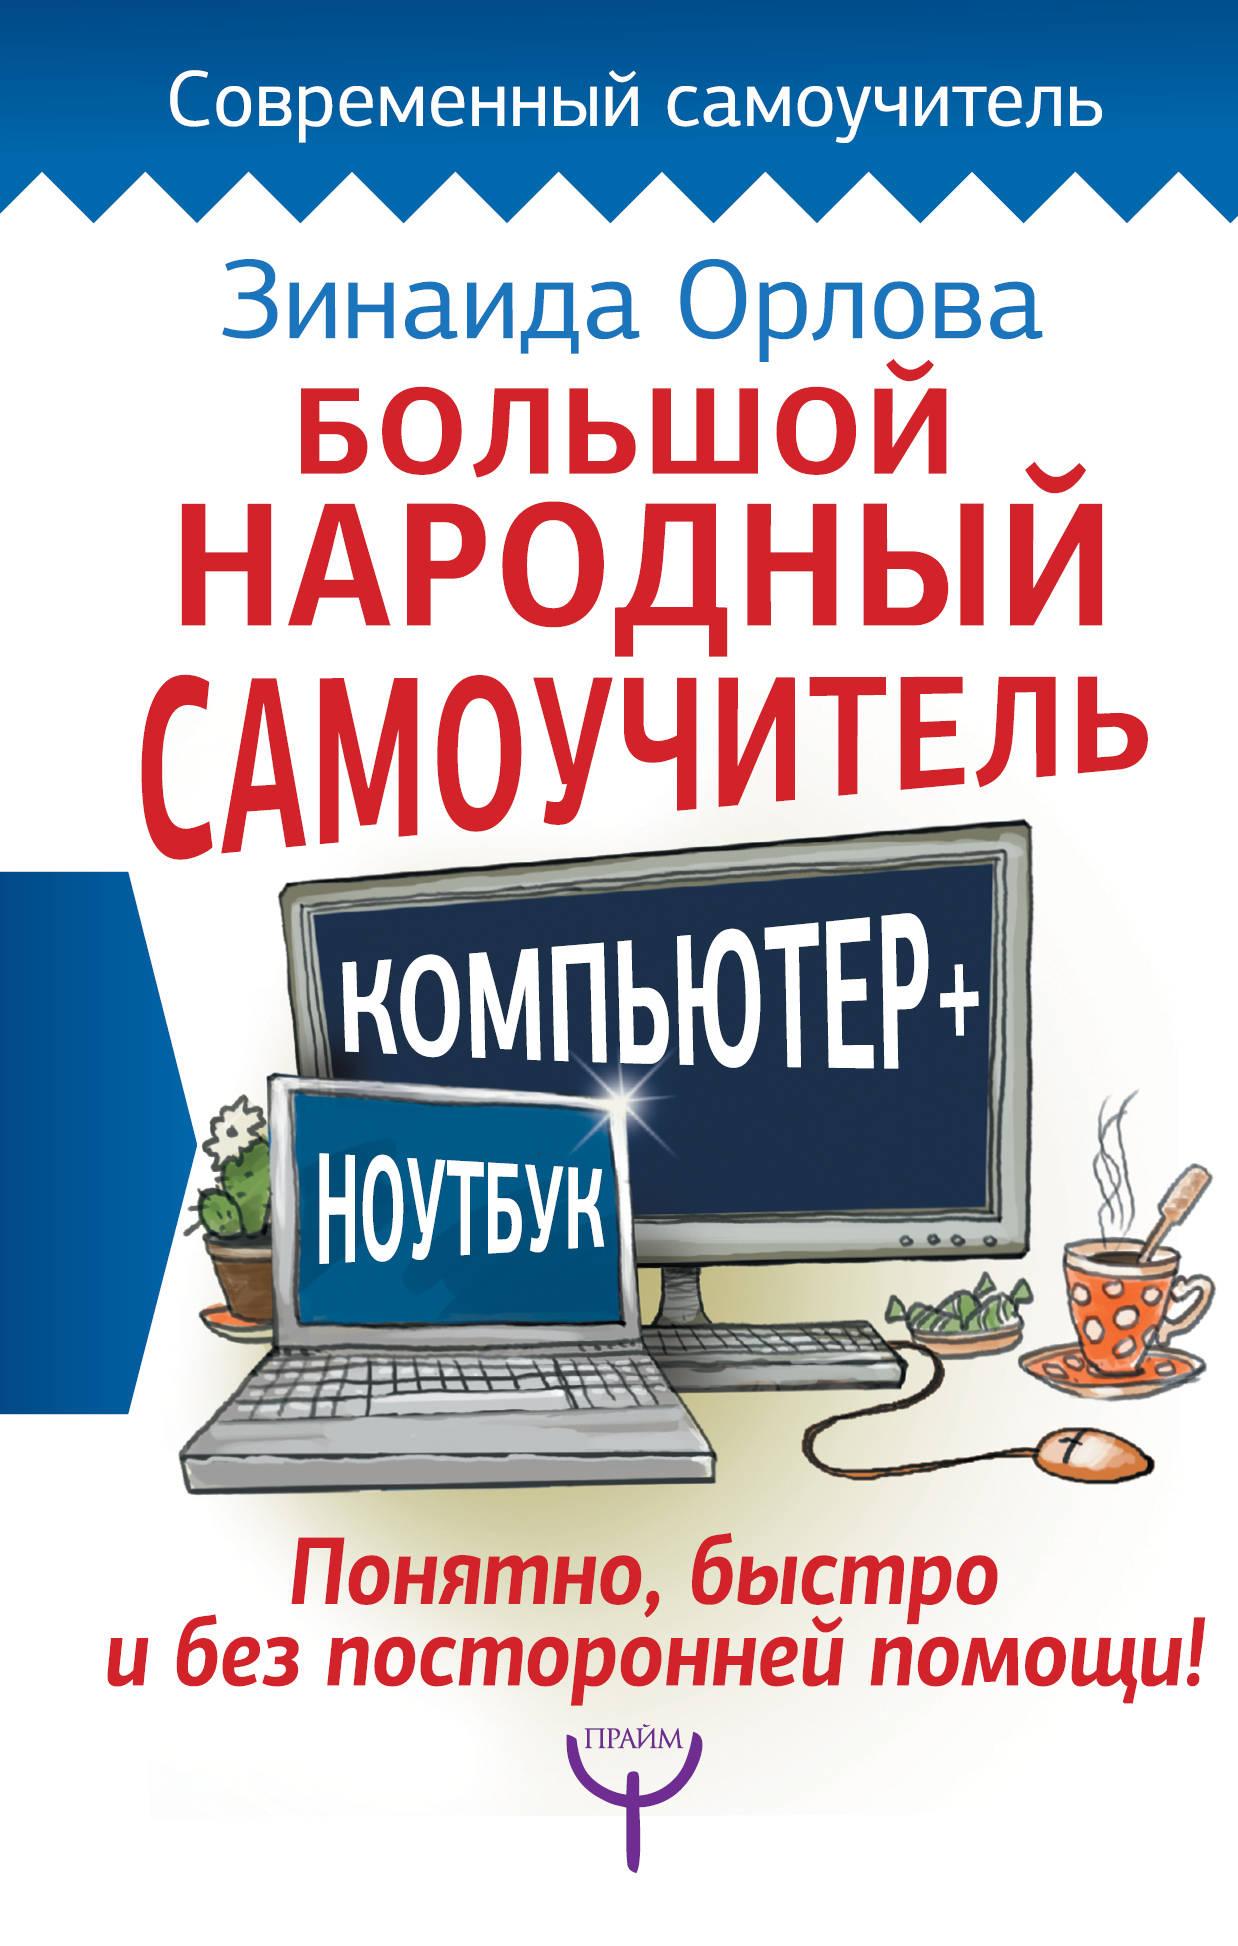 Скачать бесплатно программу обучения работы на компьютере для начинающих кадетское училище в украине и сколько стоит обучение